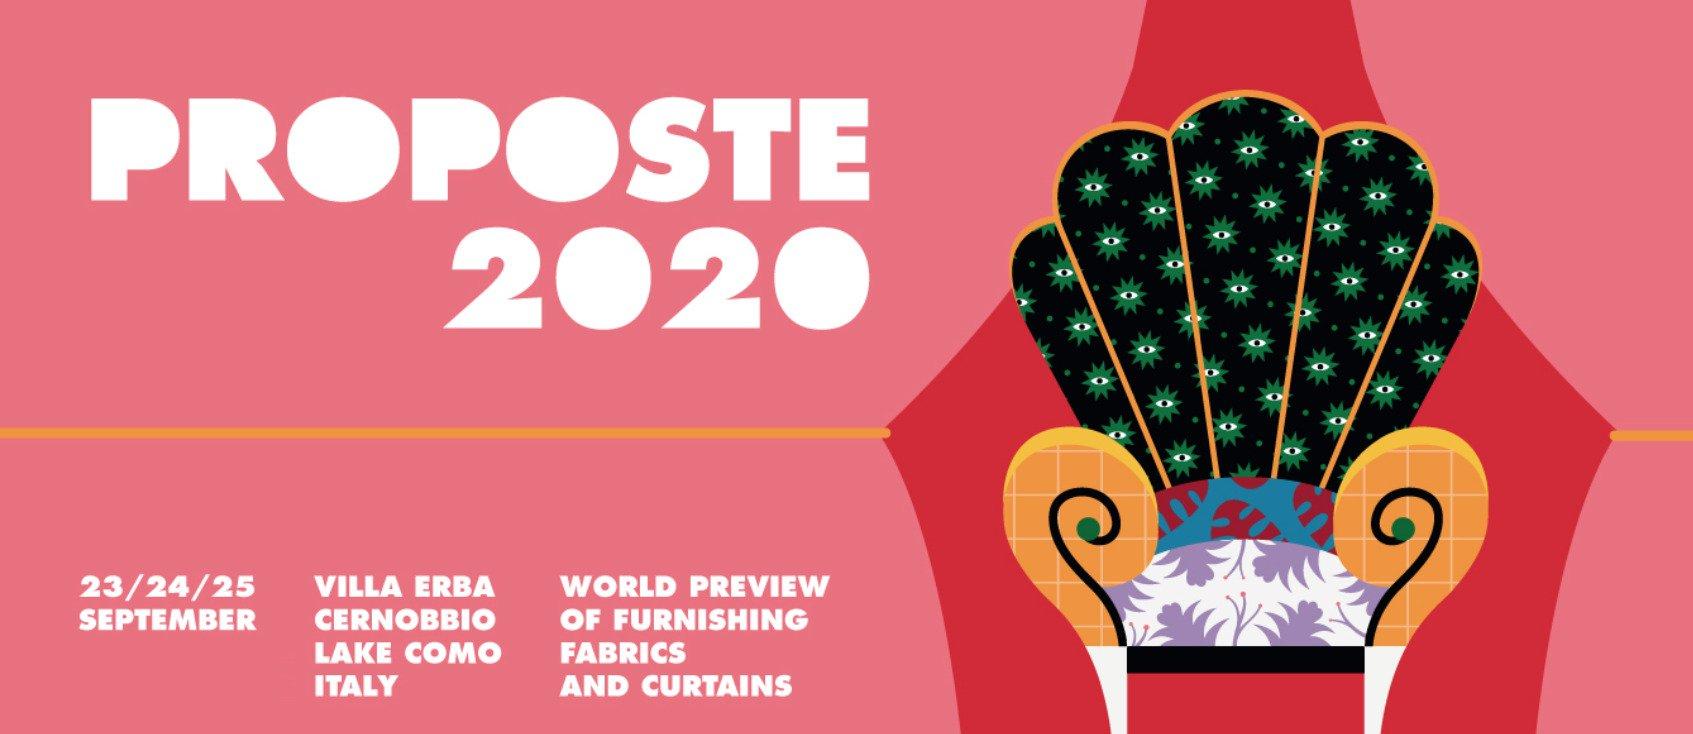 Proposte Fair 2020 @ Villa Erba, Cernobbio, Italy